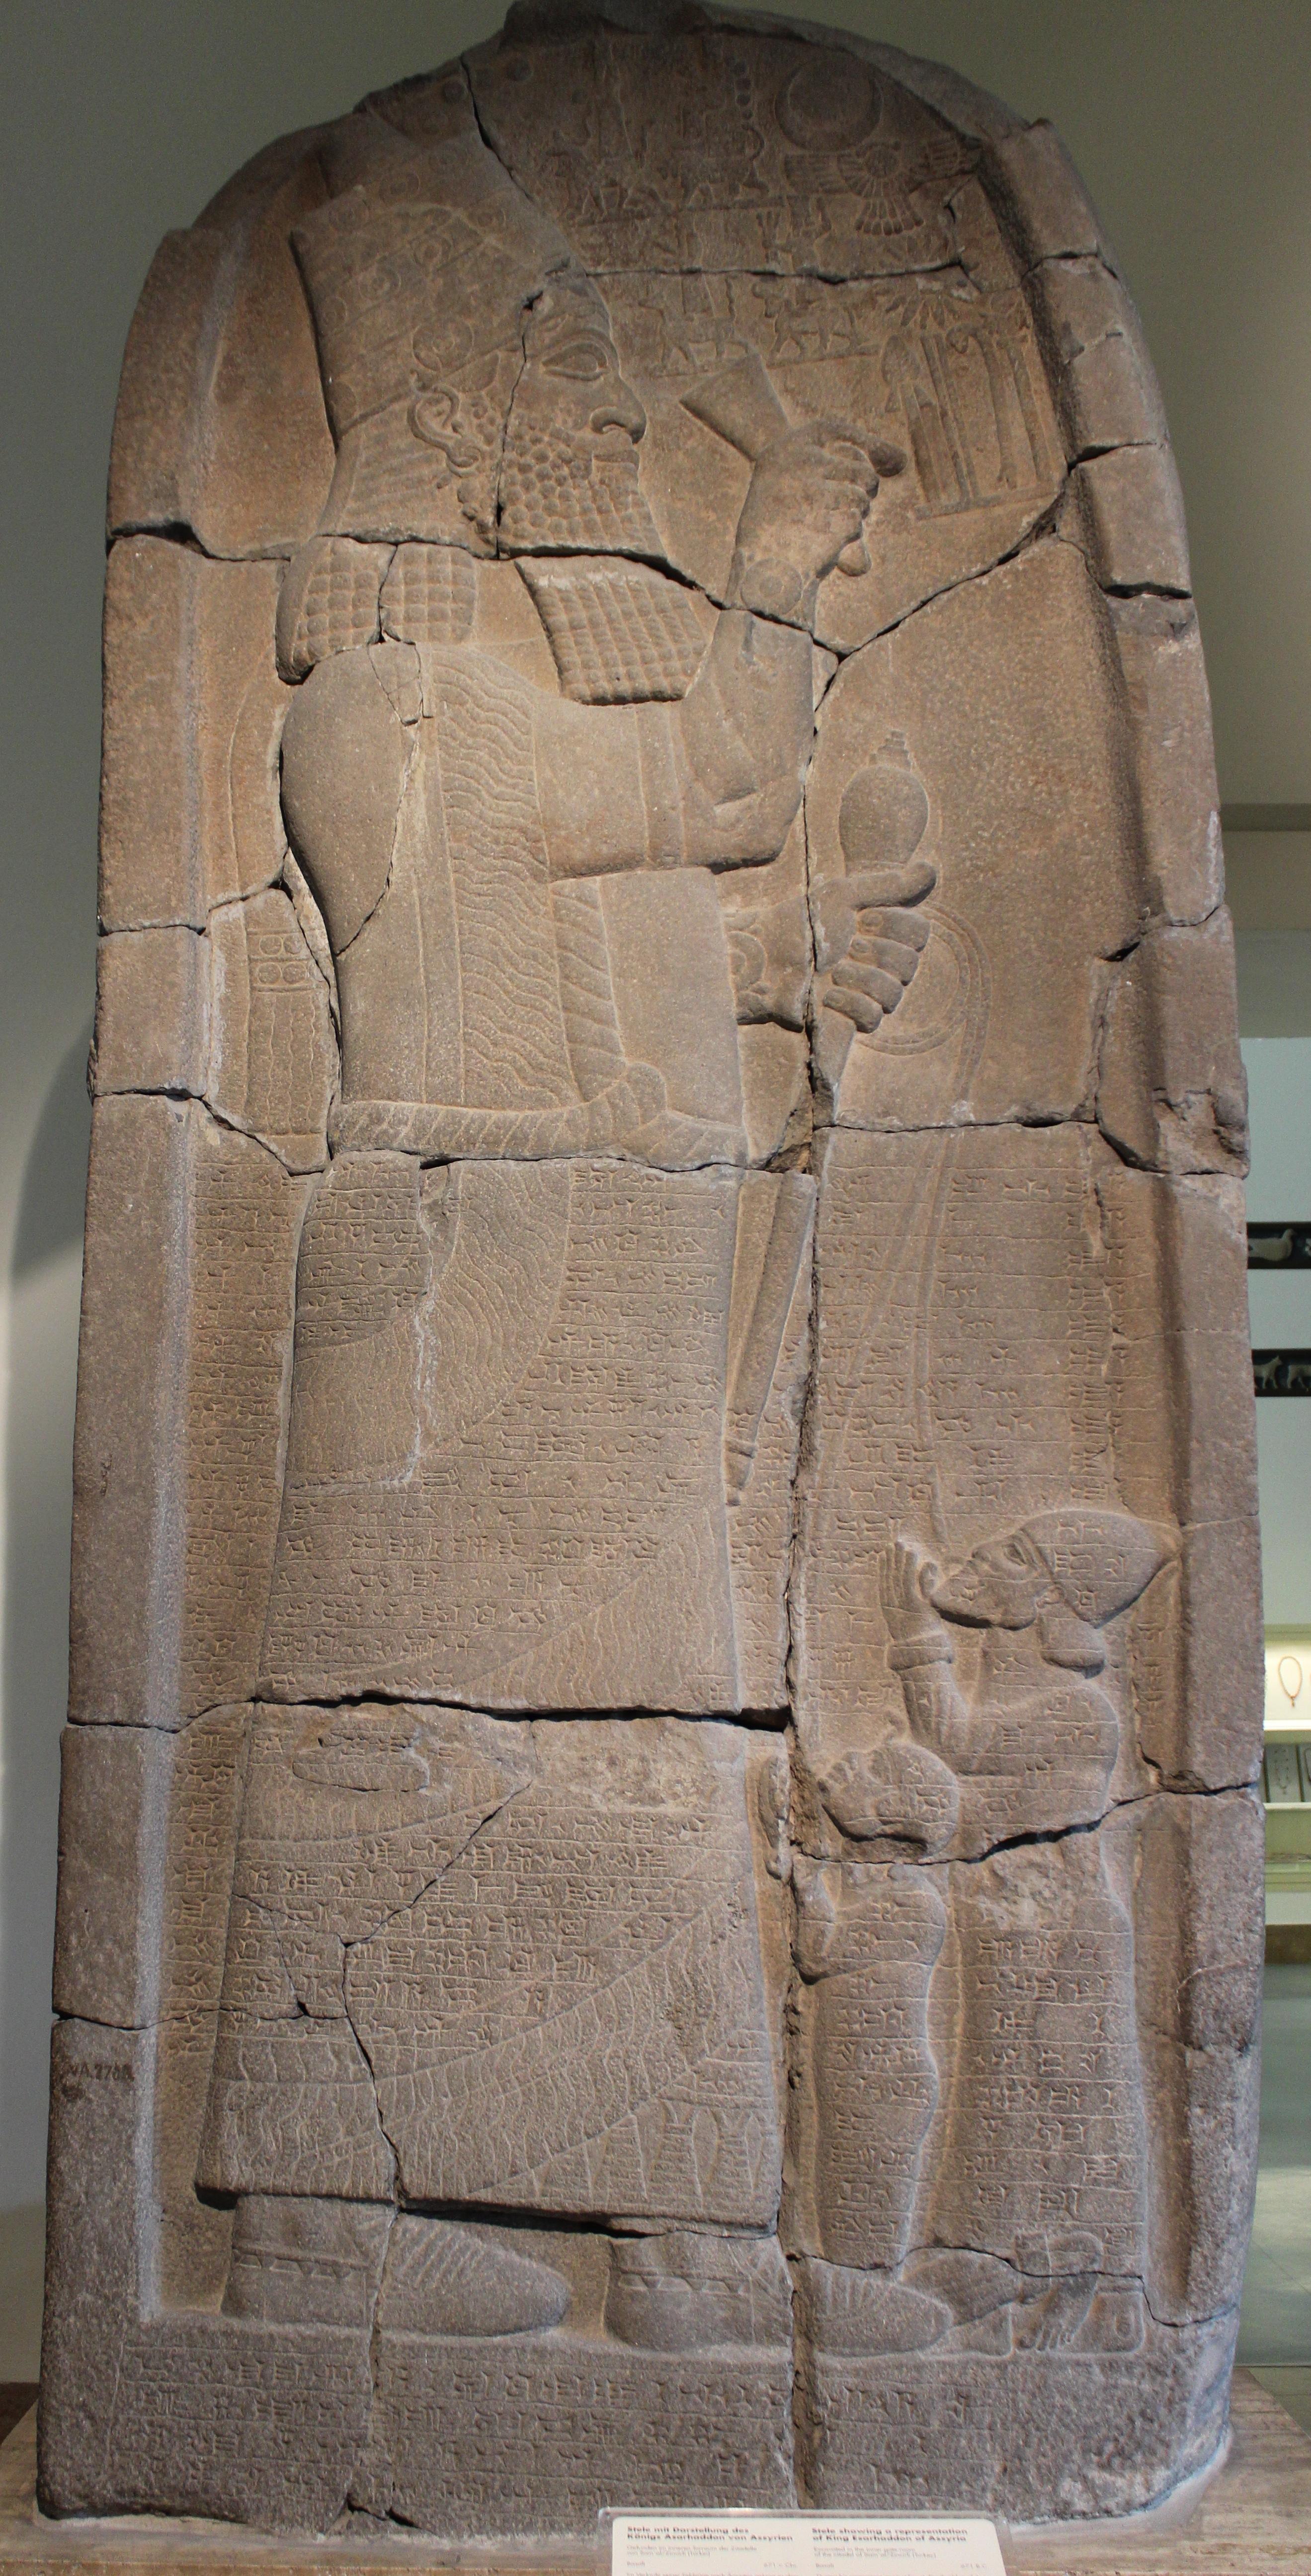 上图:亚述王以撒哈顿(Esarhaddon,主前681-669在位)的胜利石碑,记录了他于主前671年战胜埃及法老塔哈卡(Taharqa,主前690-664年在位)。石碑上,腓尼基王和埃及法老的嘴唇上的穿着环子,被亚述王撒哈顿用绳子牵着。